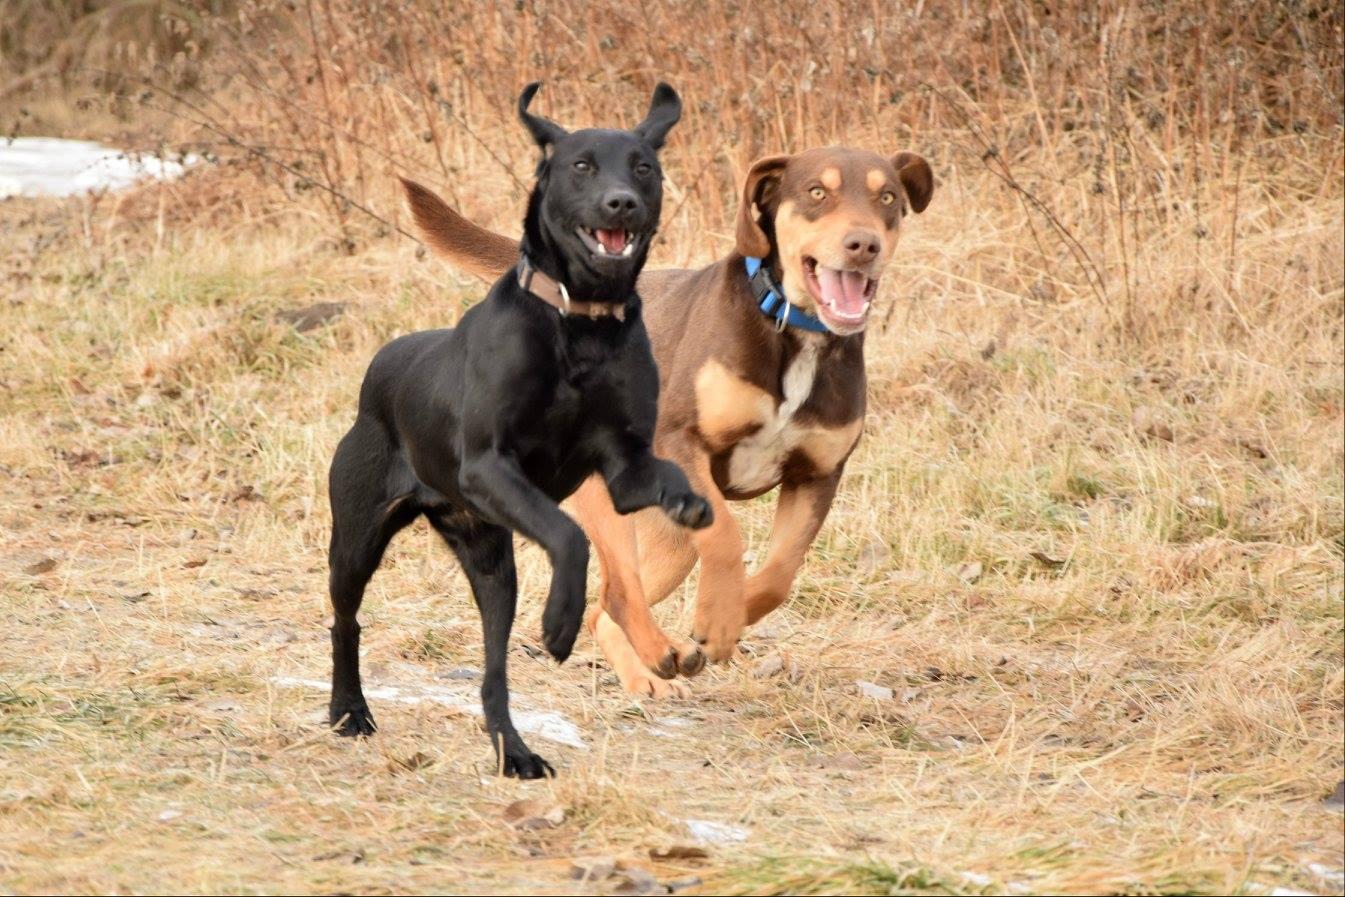 Így tanítsd meg a kutyádat az eldobott labda vagy apport visszahozására